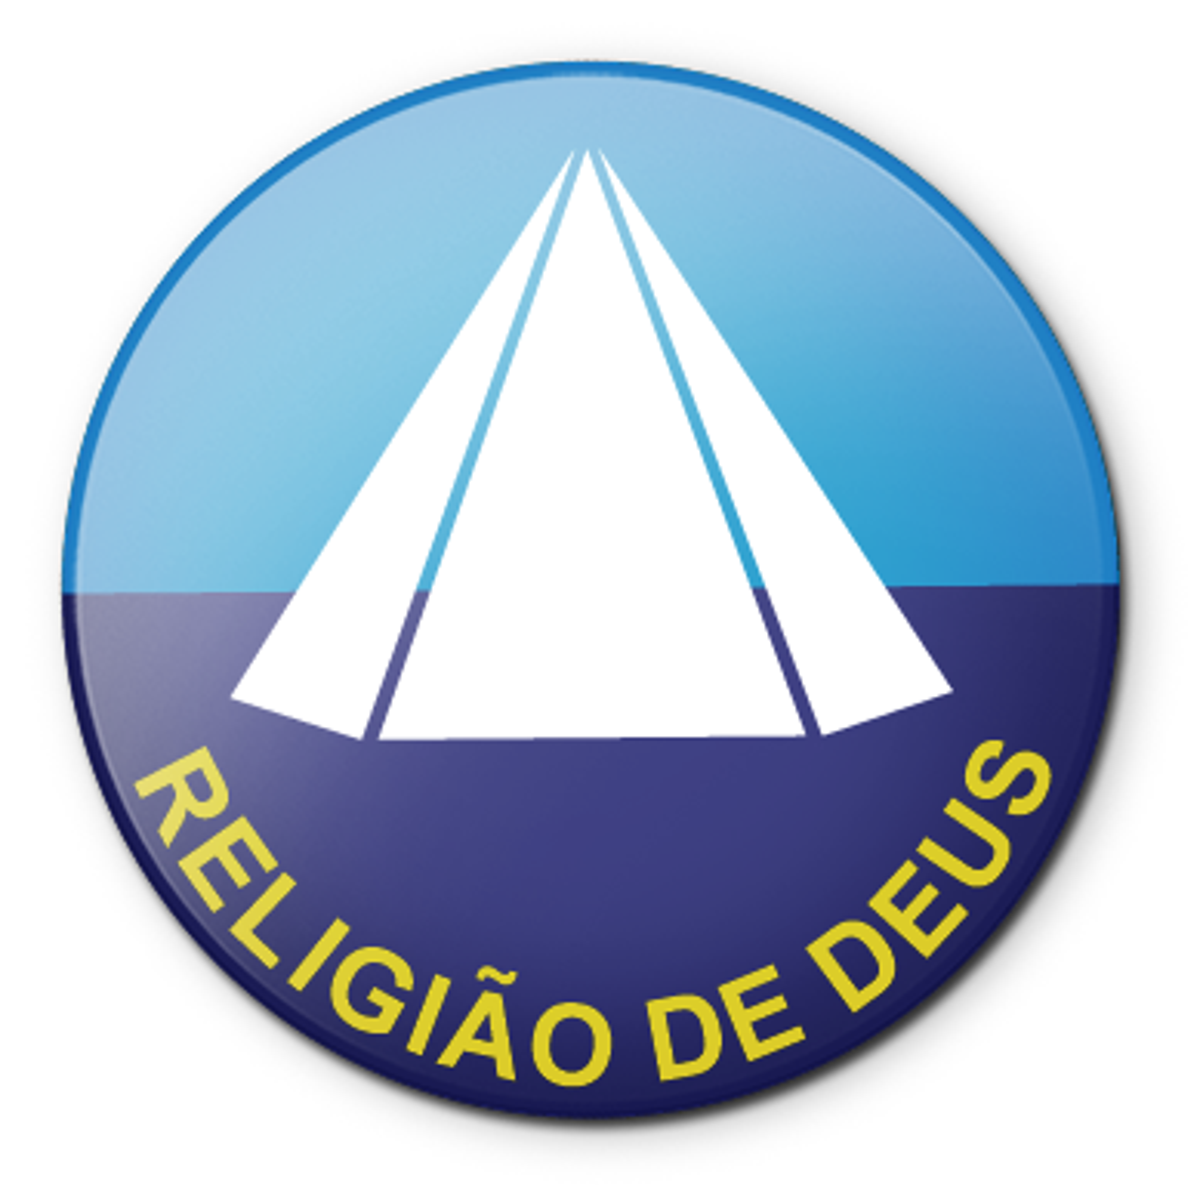 RELIGIÃO DE DEUS, DO CRISTO </br>E DO ESPÍRITO SANTO